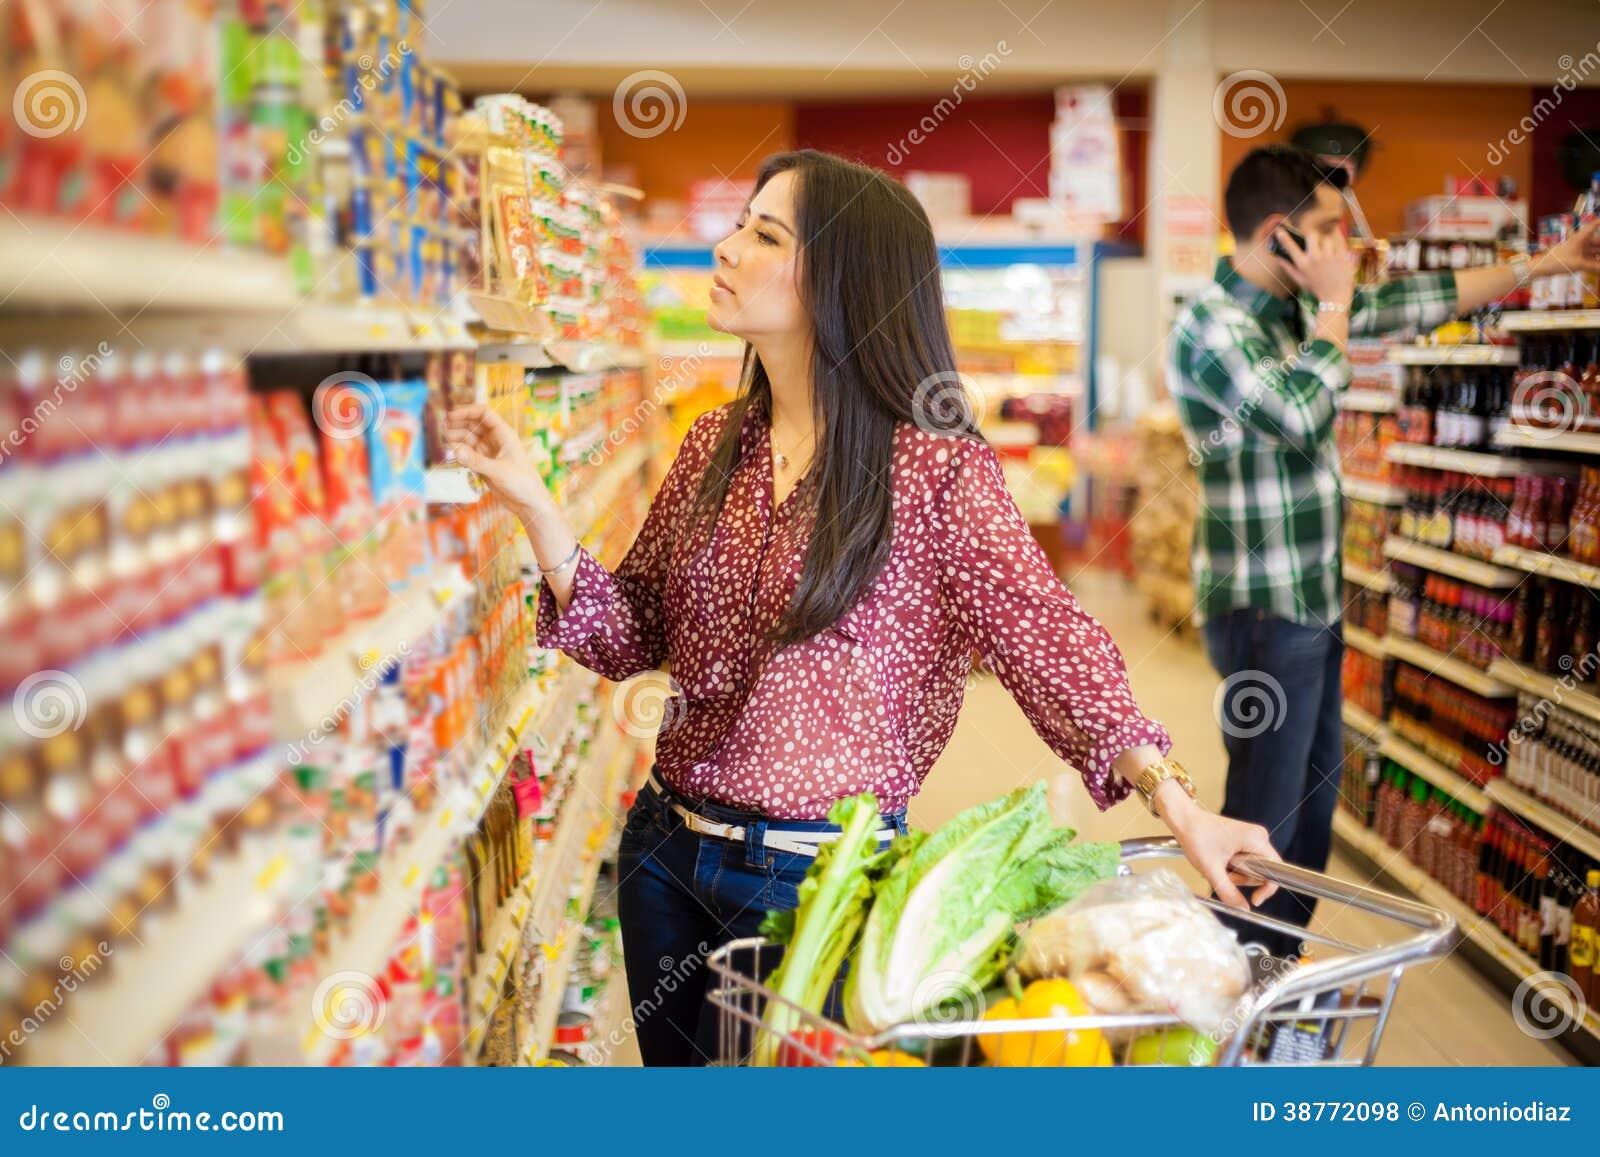 Frauen treffen kaufen